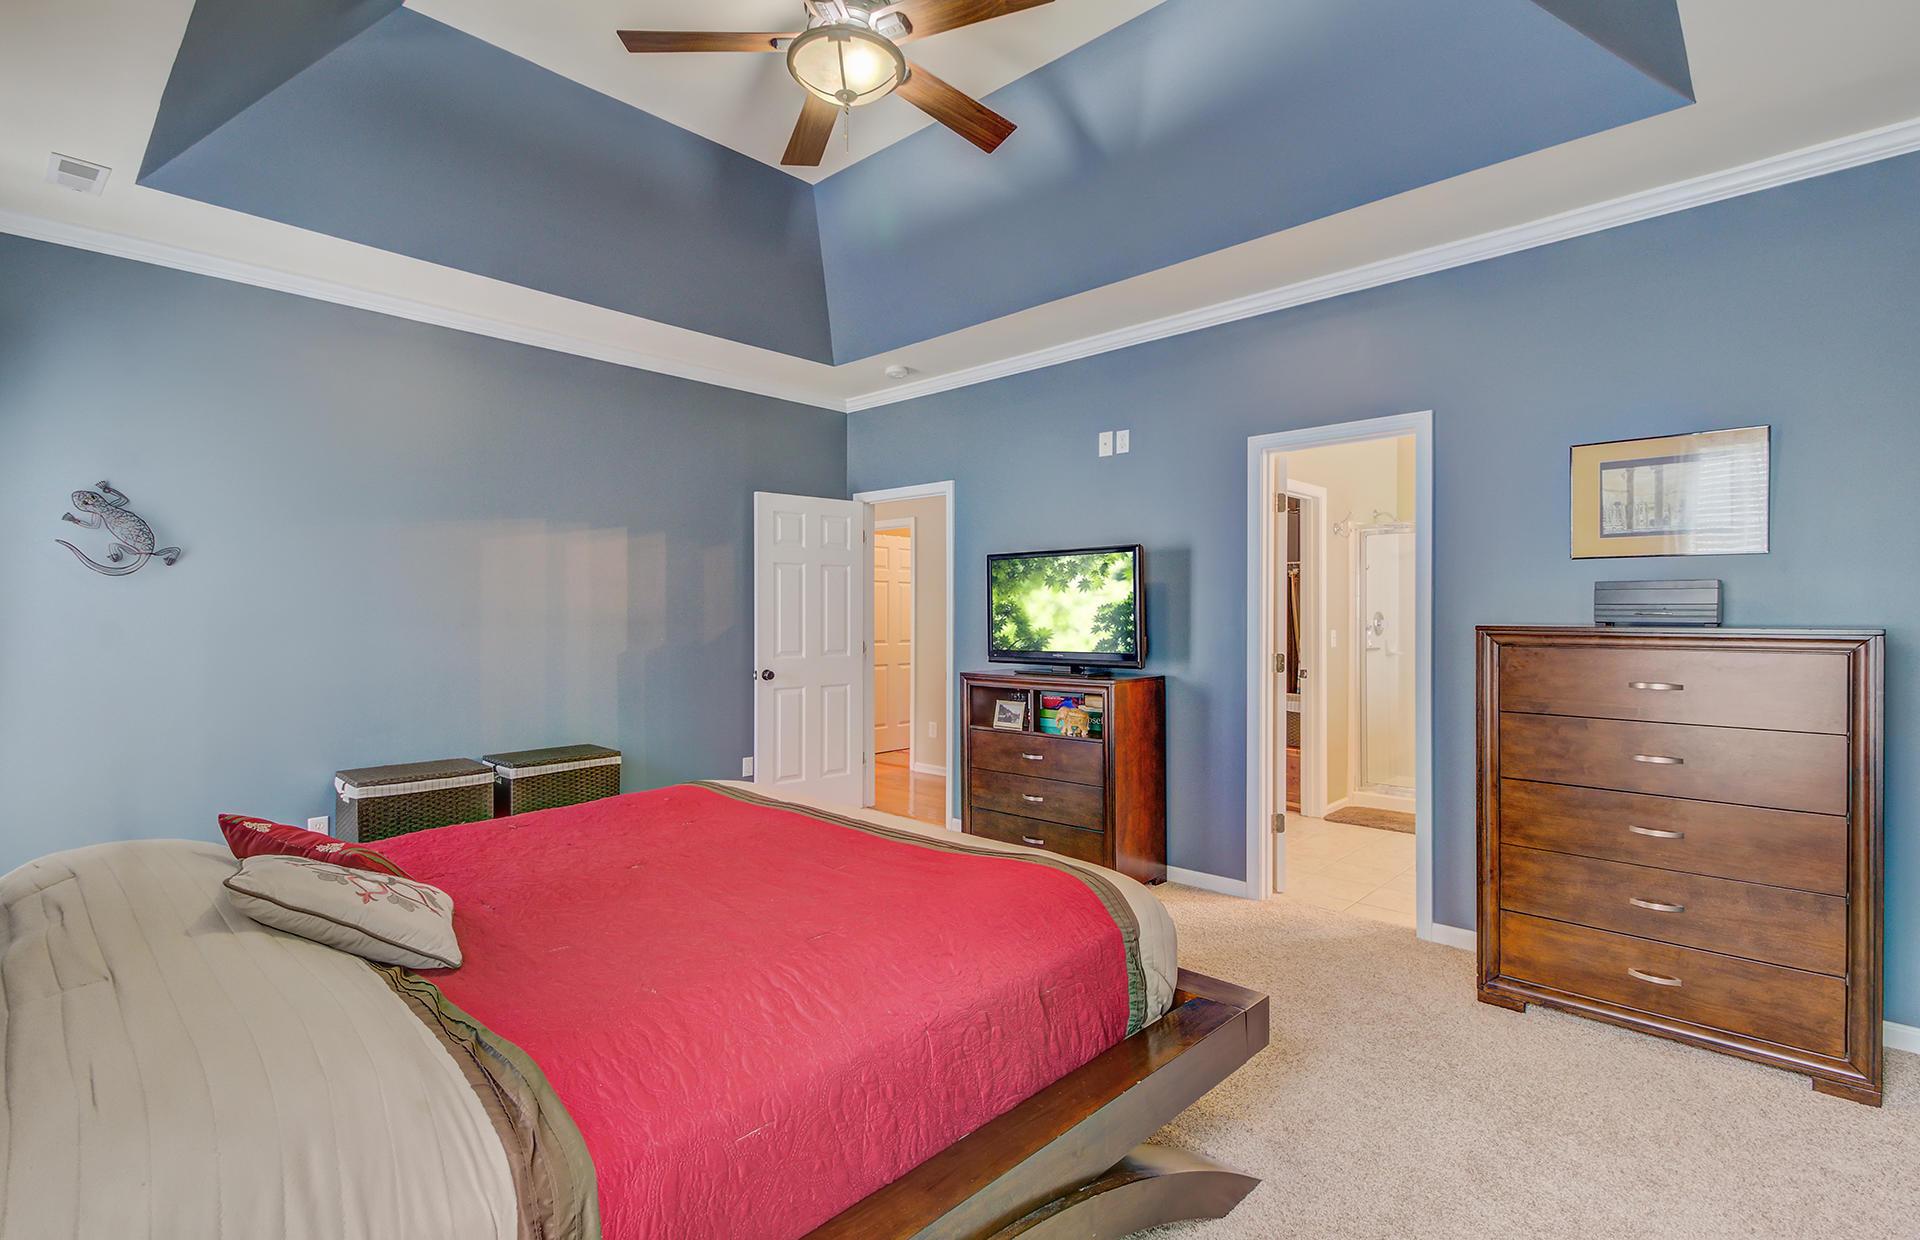 Park West Homes For Sale - 3120 Sonja, Mount Pleasant, SC - 9